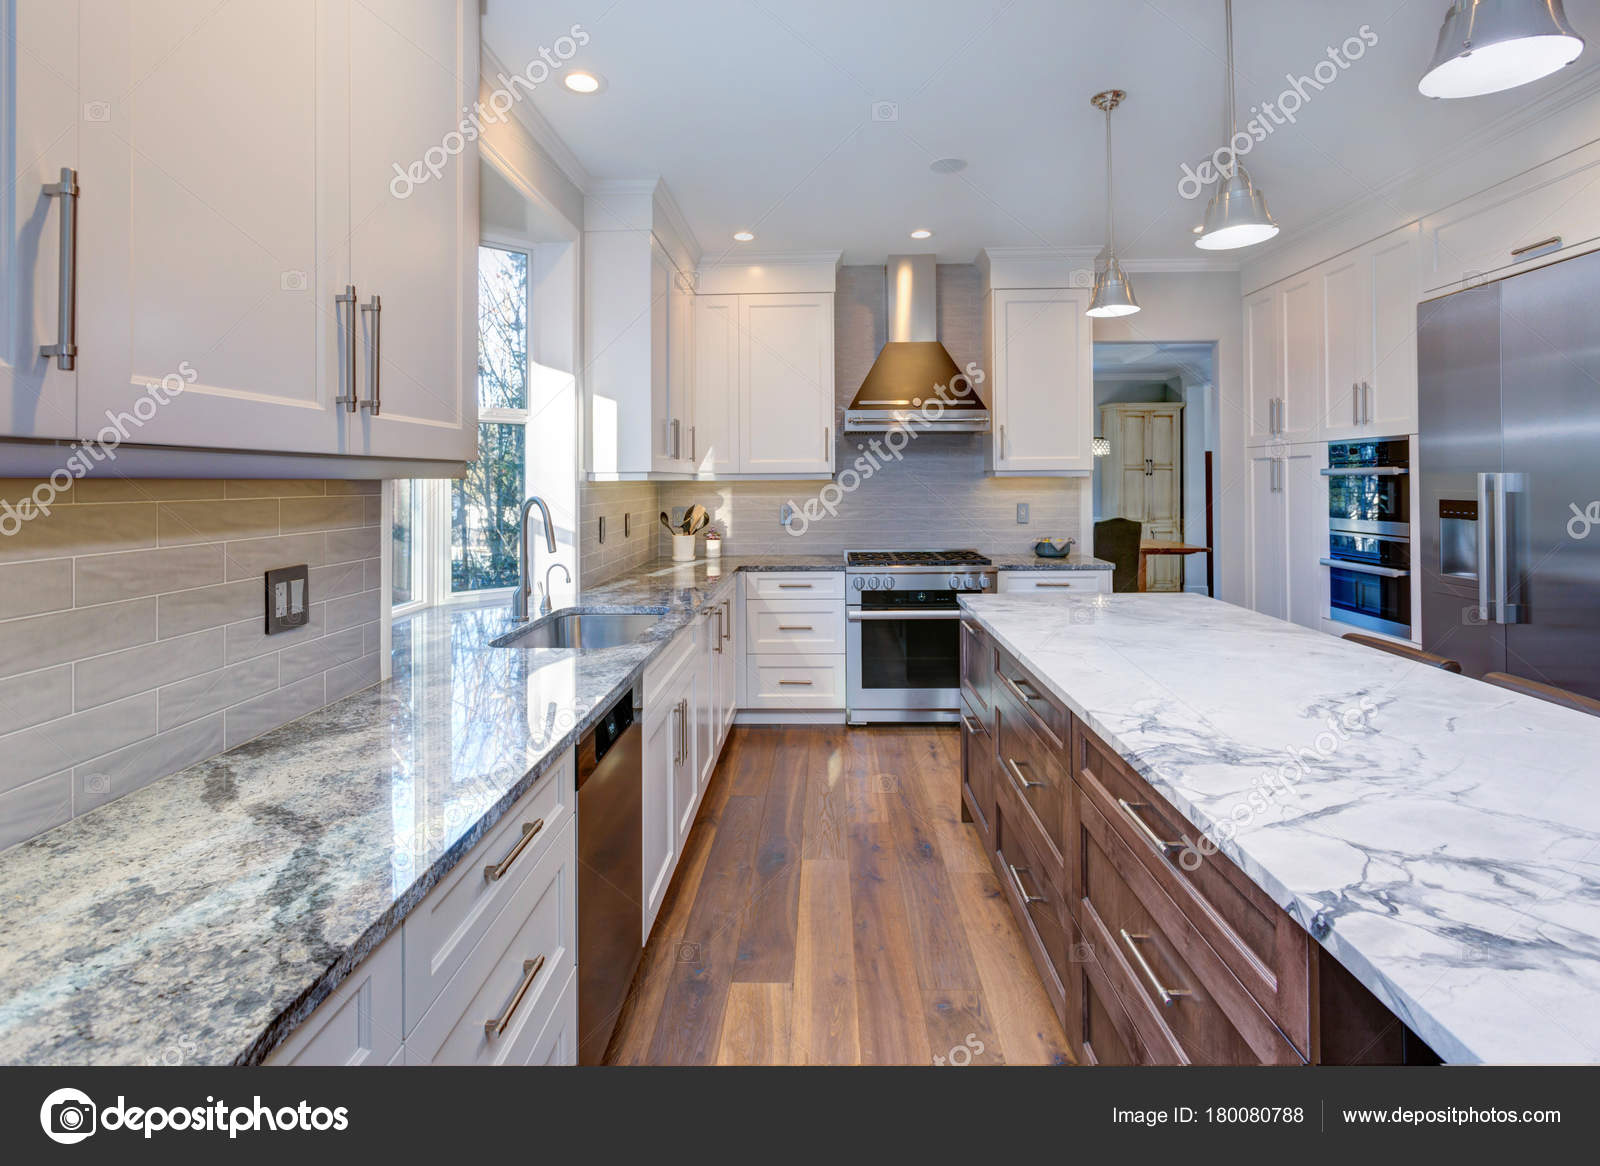 Schöne weiße Küchendesign — Stockfoto © alabn #180080788